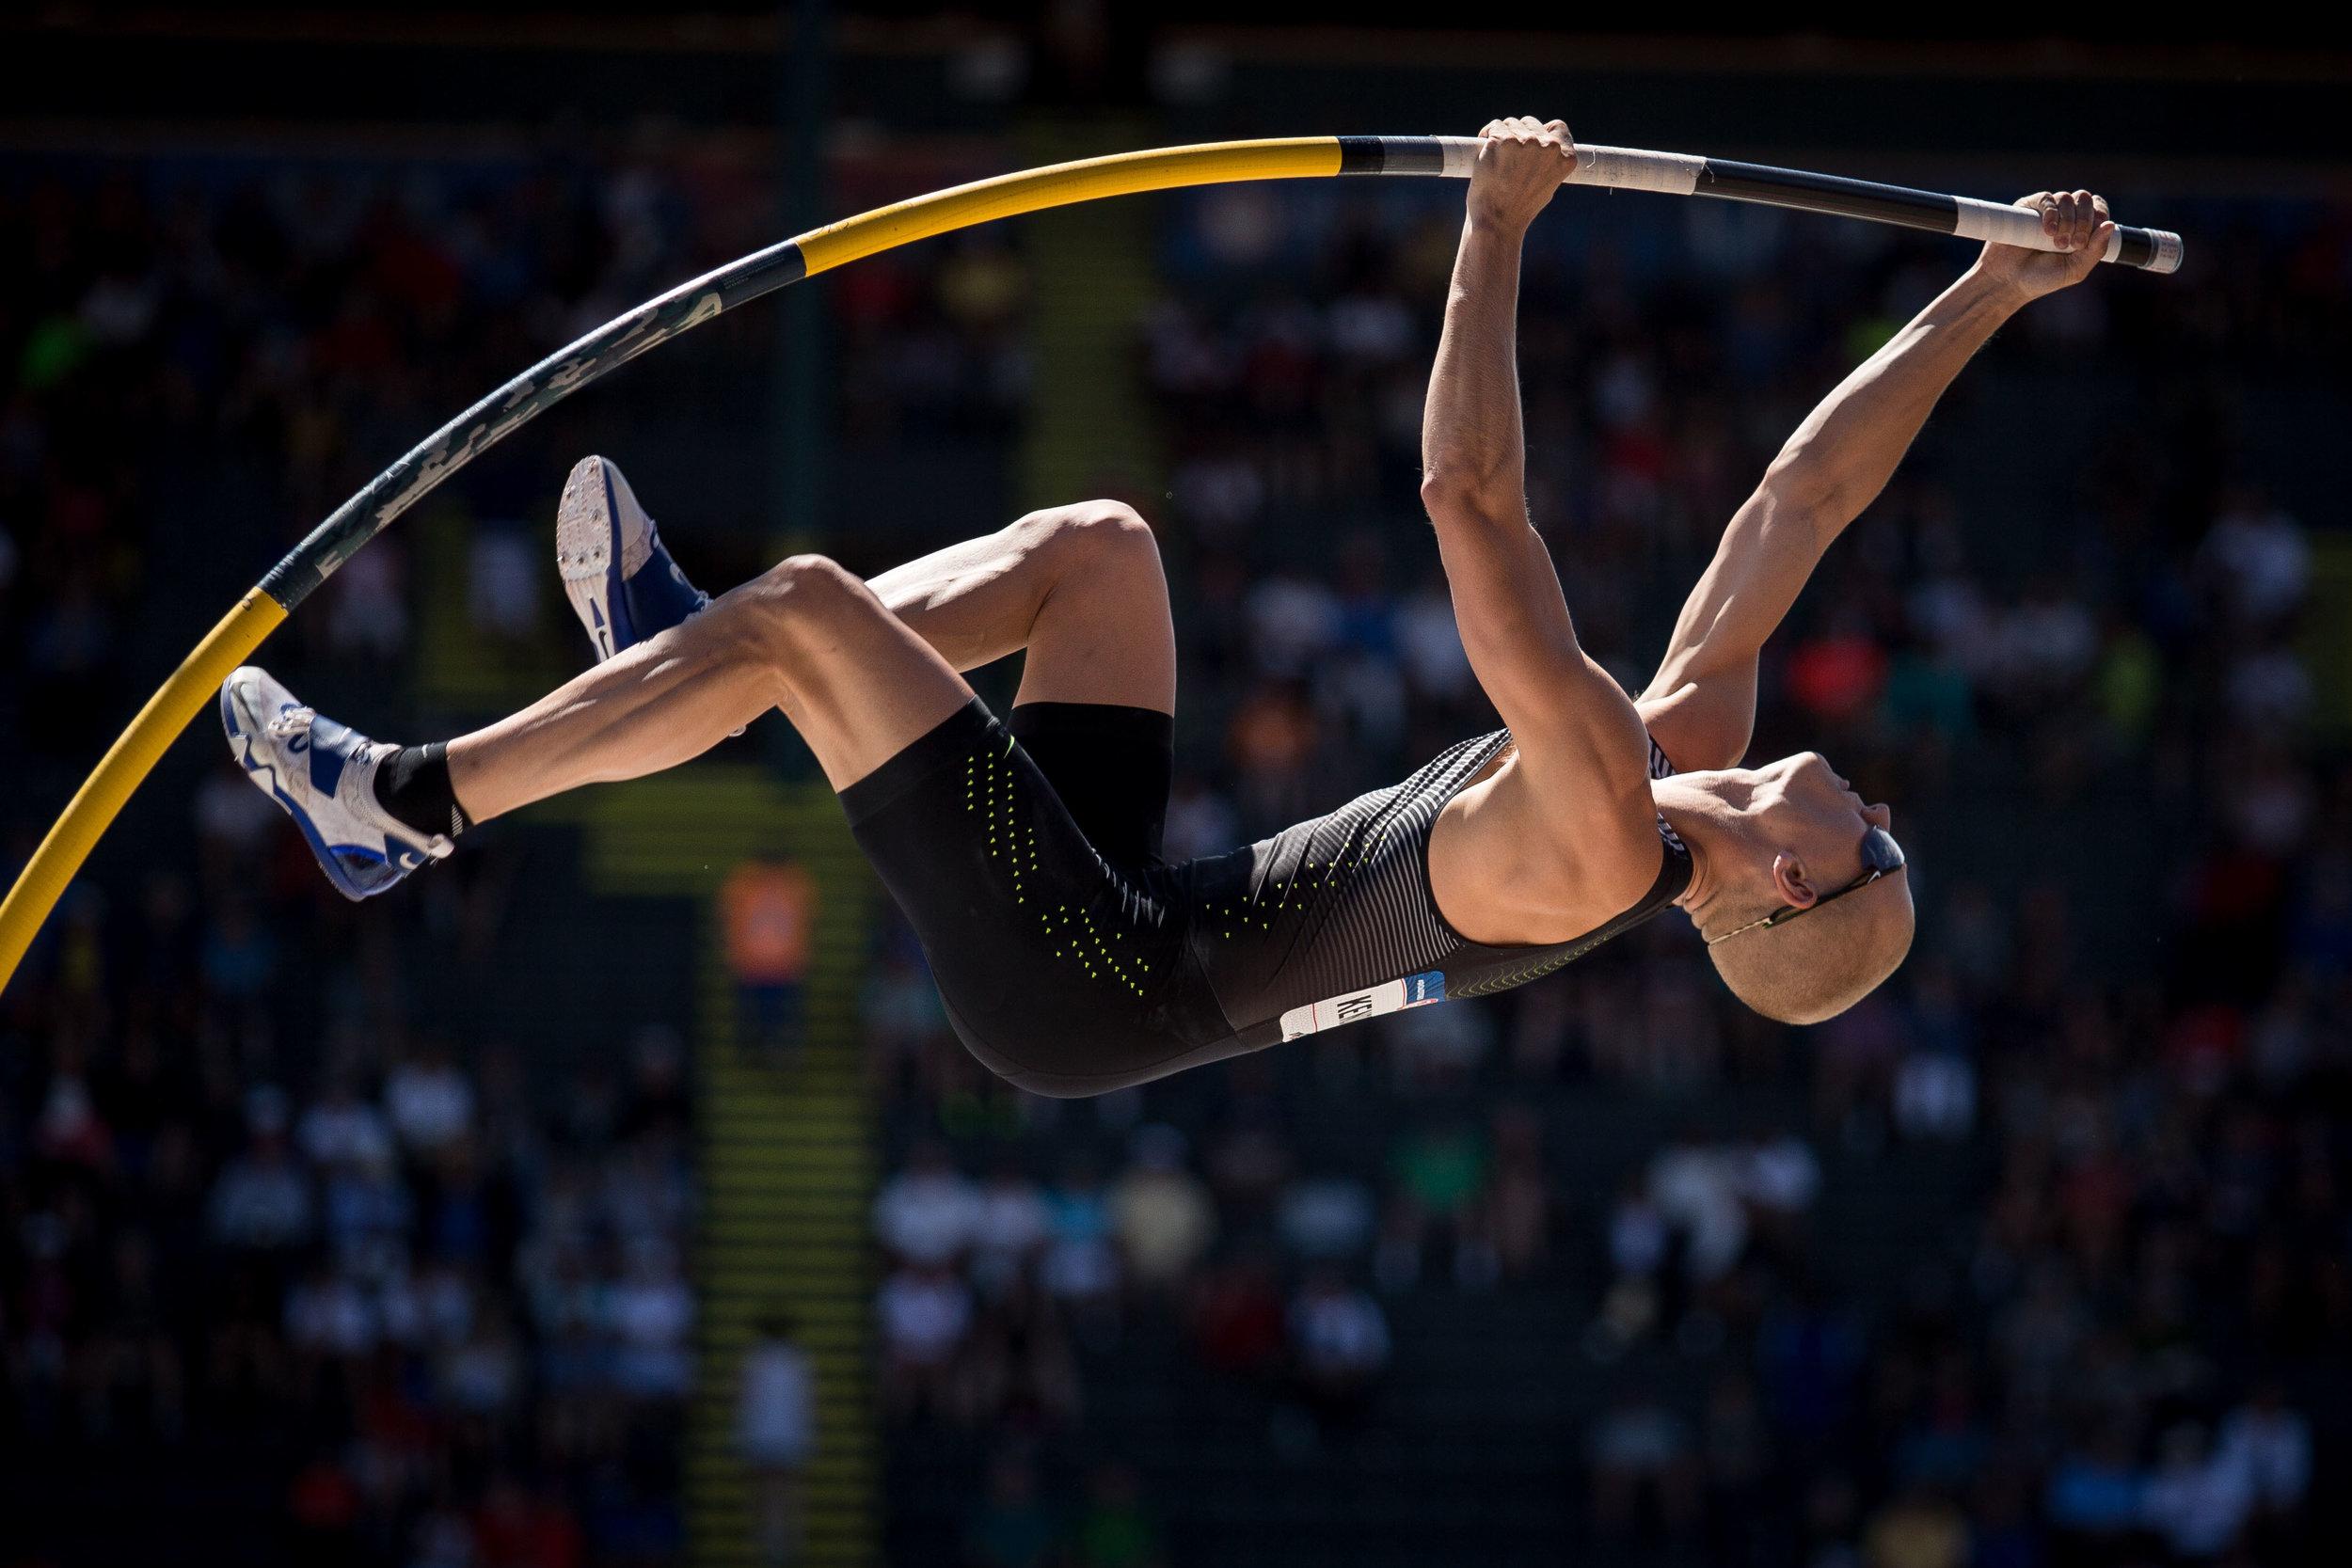 olympic trials web-5.jpg